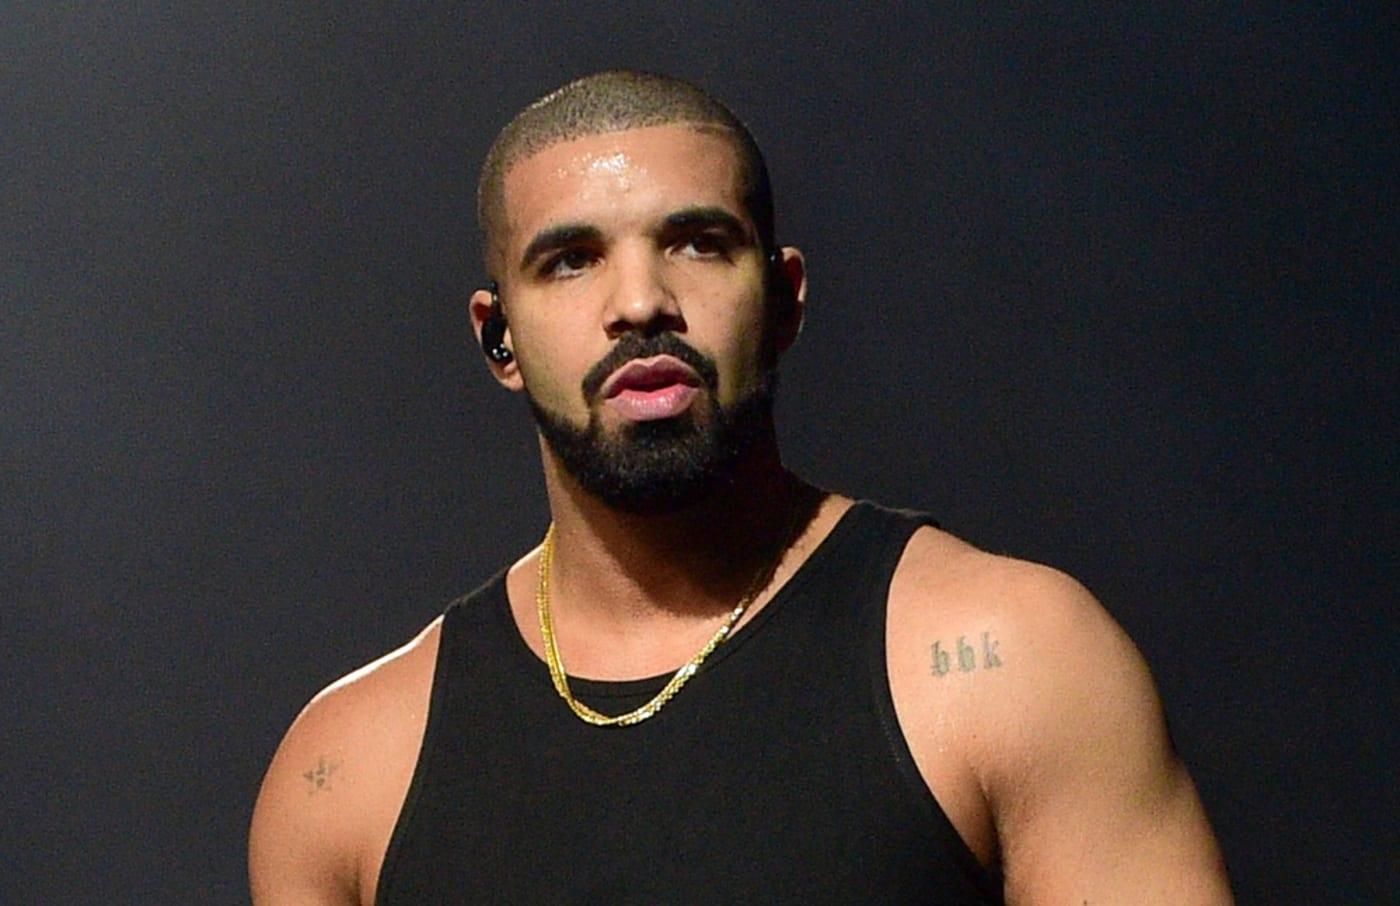 Drake performance photo